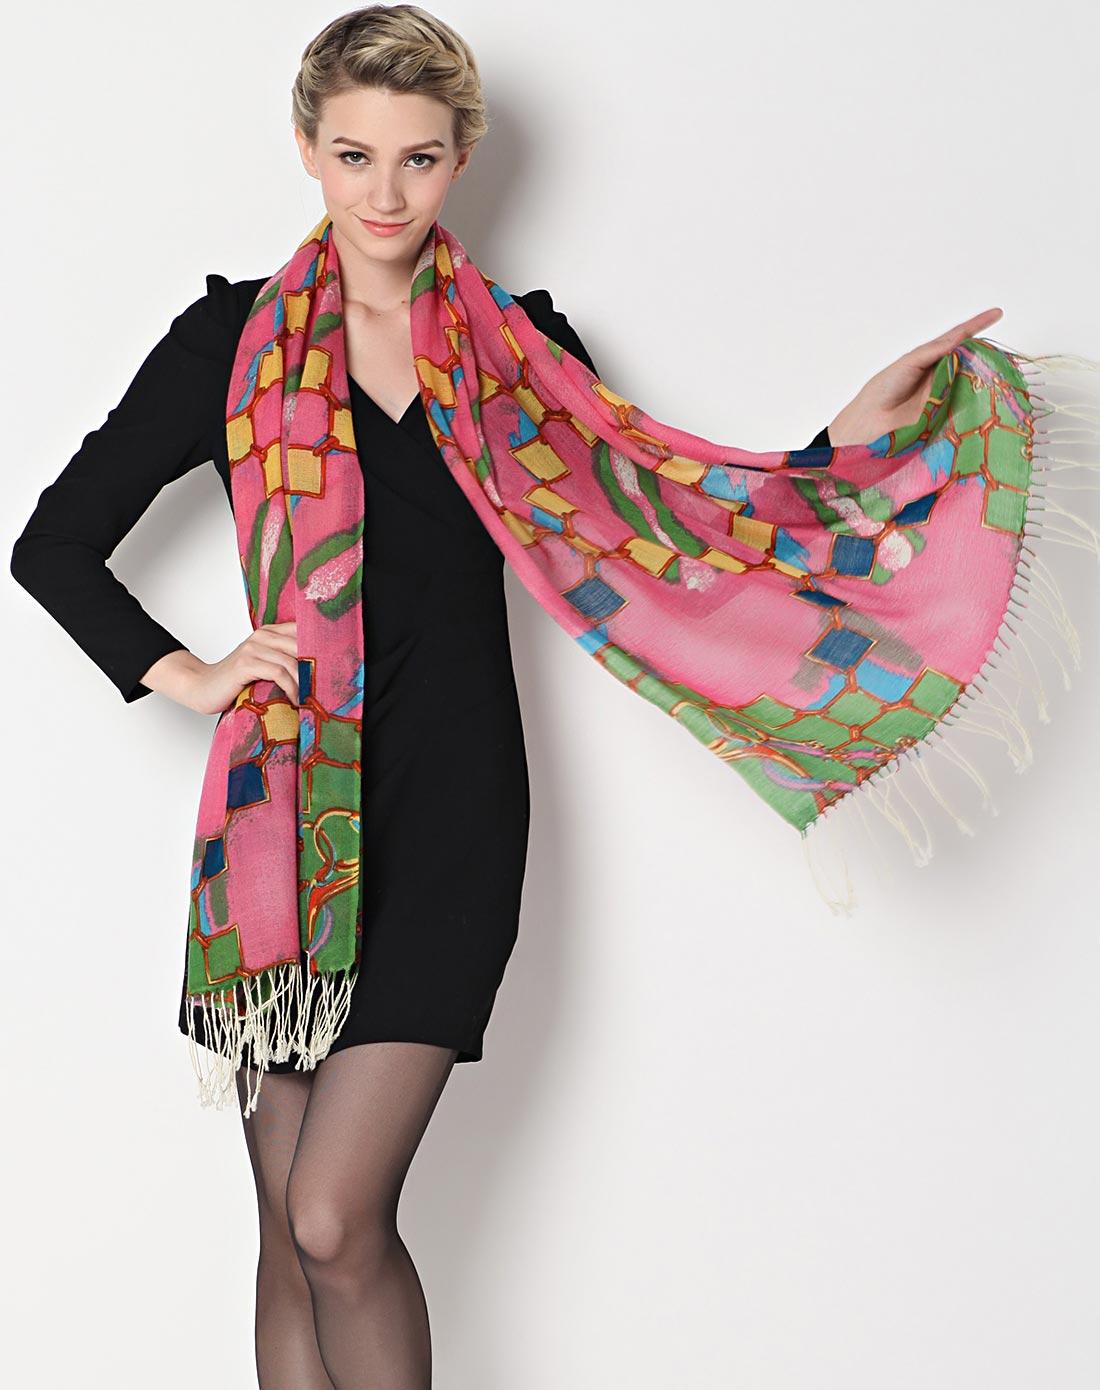 织布人围巾专场少女时代羊毛围巾1104030051